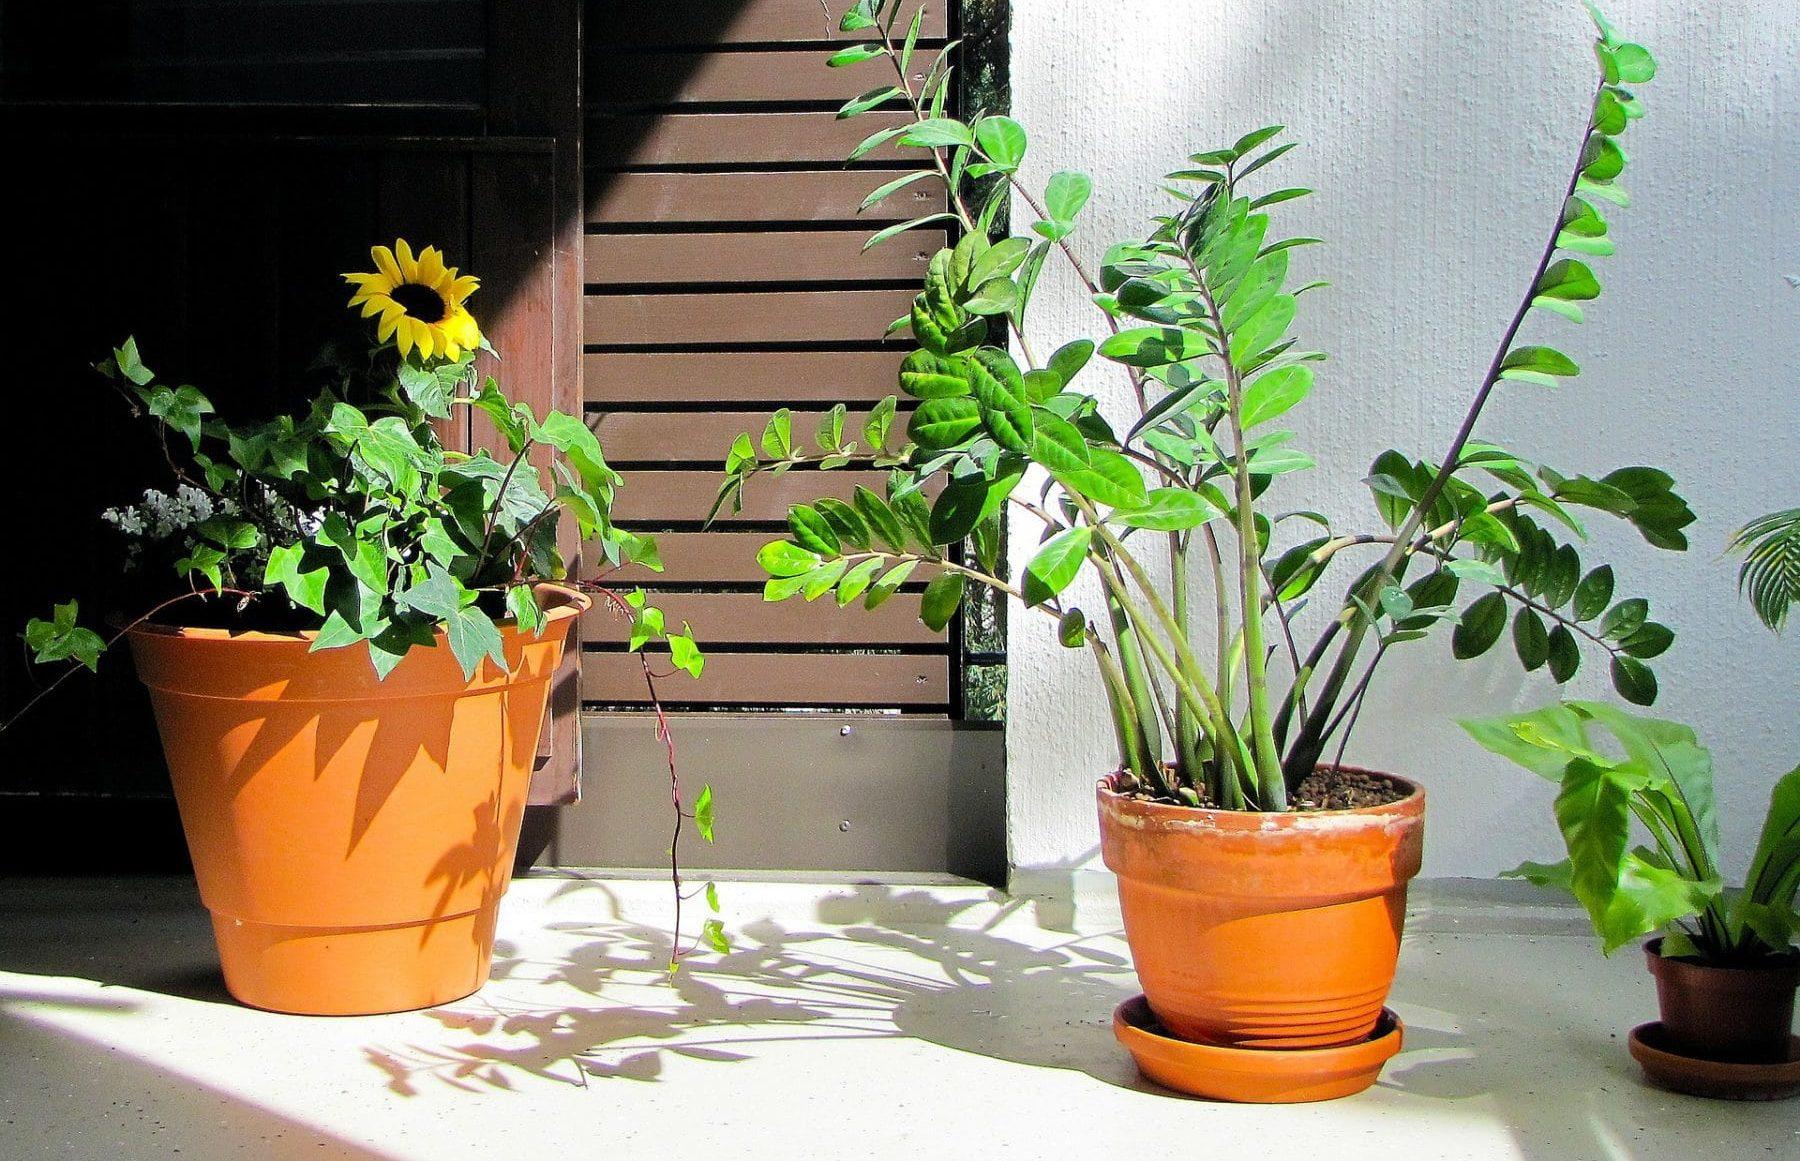 zimmerpflanzen kaufen 6 beliebte zimmerpflanzen bei amazon. Black Bedroom Furniture Sets. Home Design Ideas